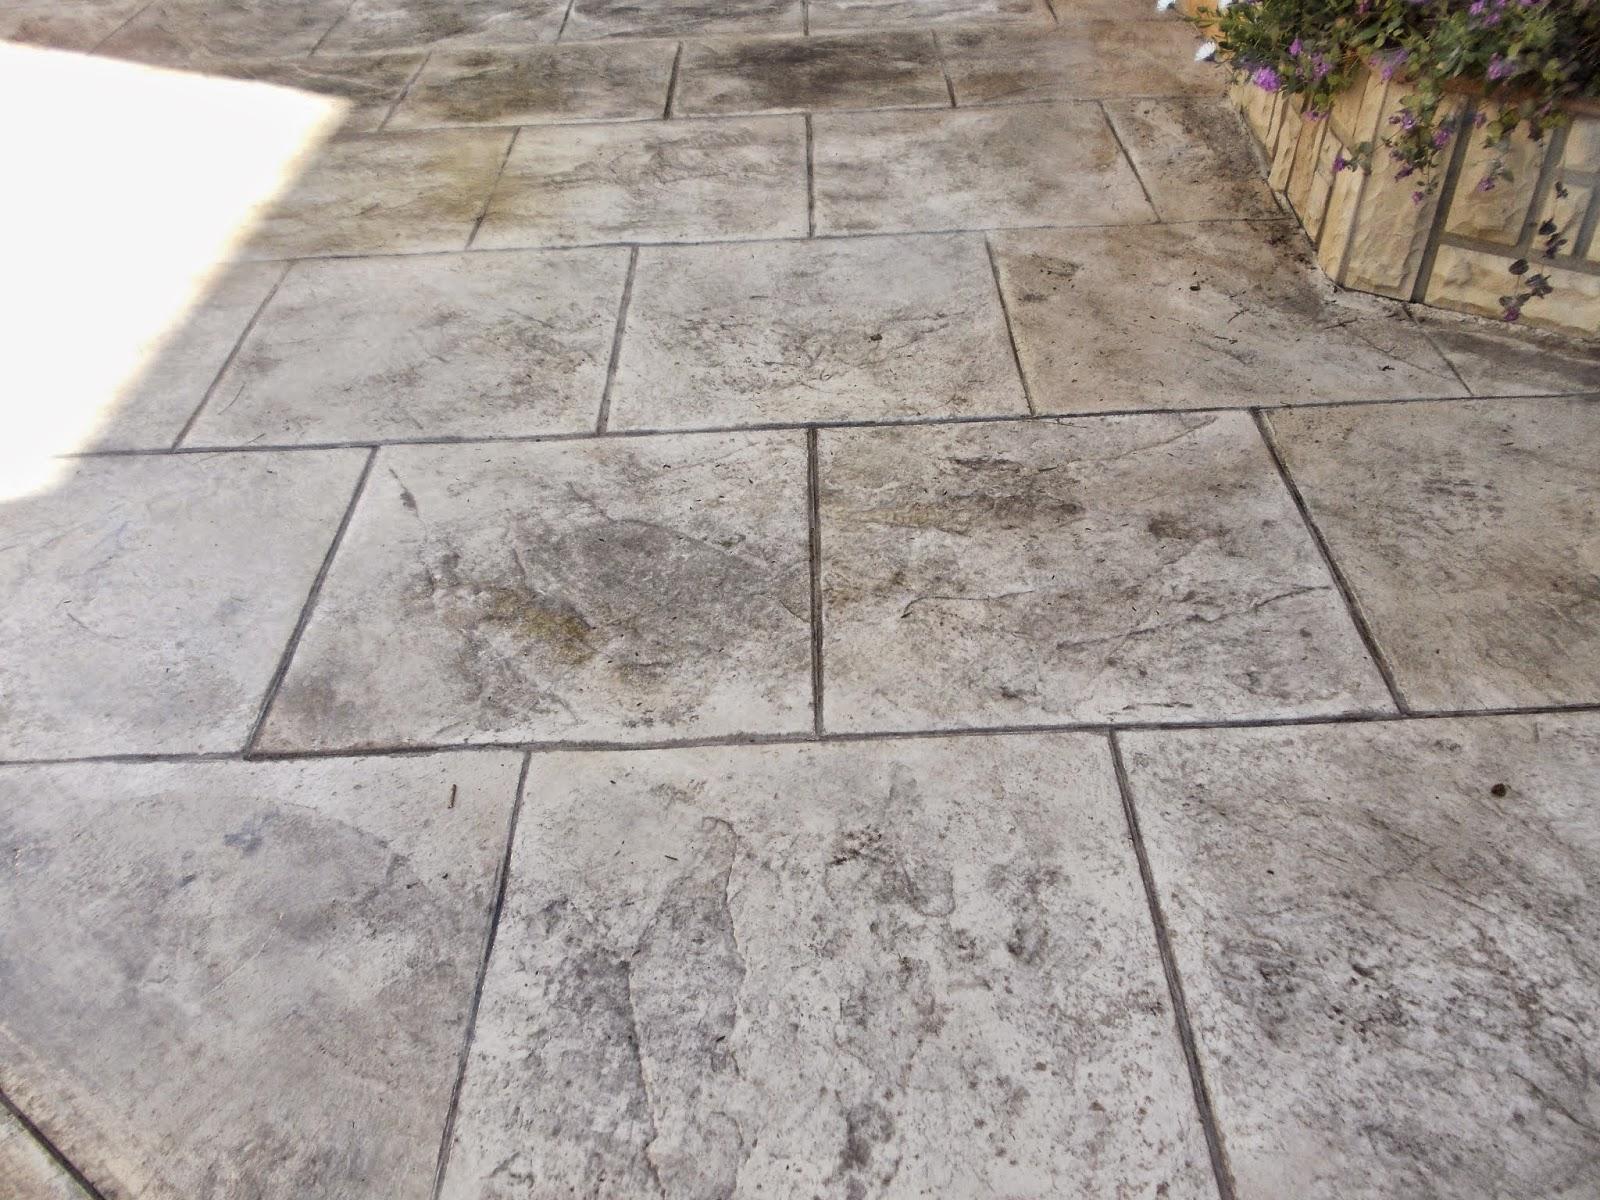 Pavimentos continuos de hormig n hormig n impreso for Hormigon para pavimentos